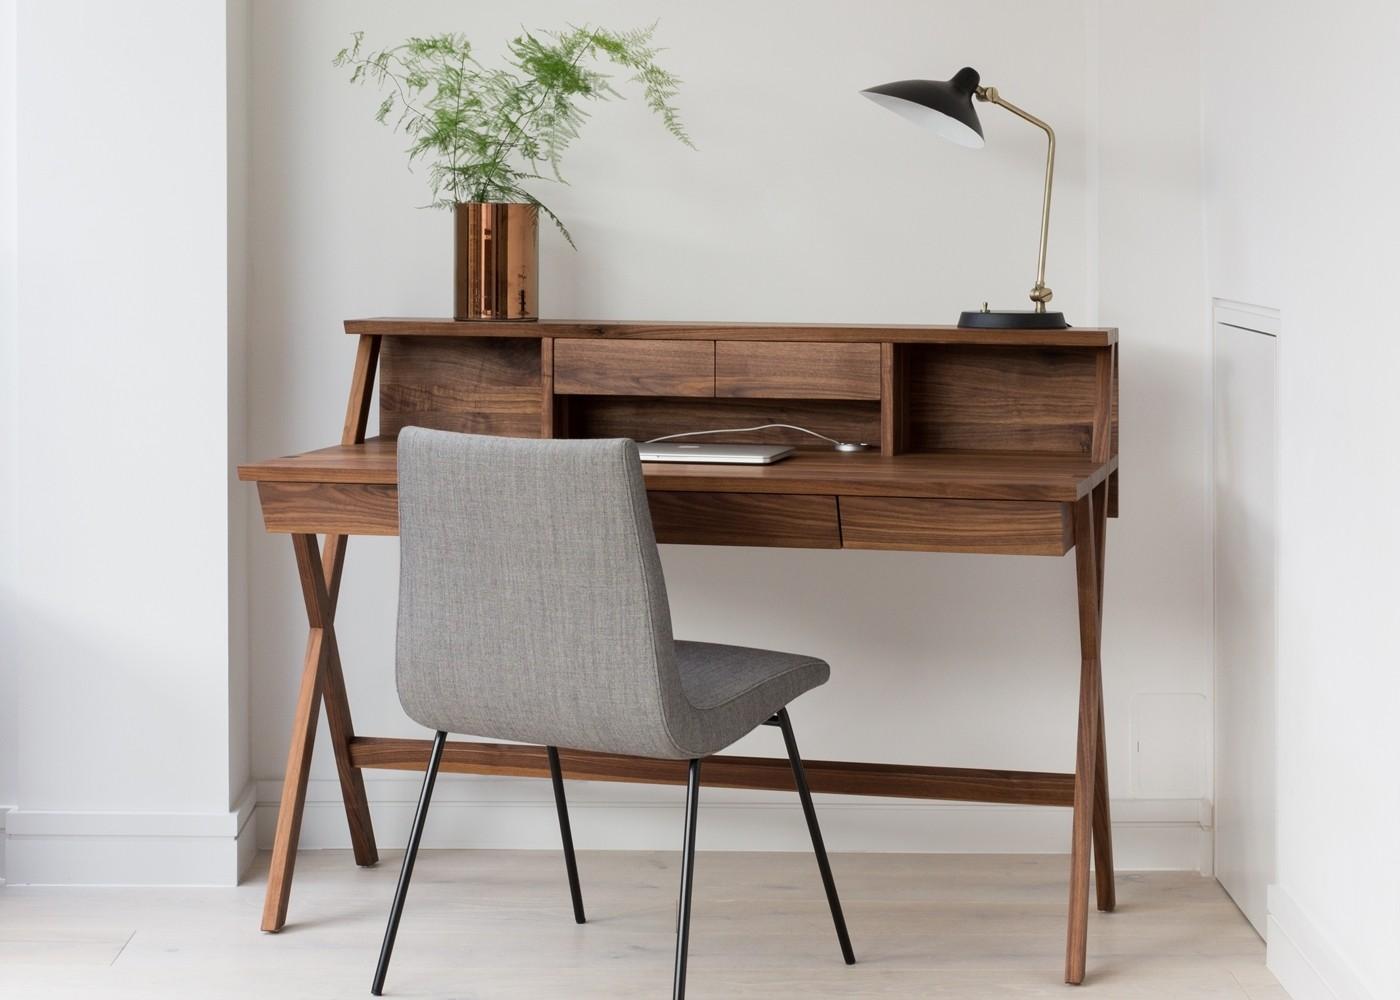 Inspirasi dekorasi area atau ruang kerja dengan meja multifungsi - source: heals.com